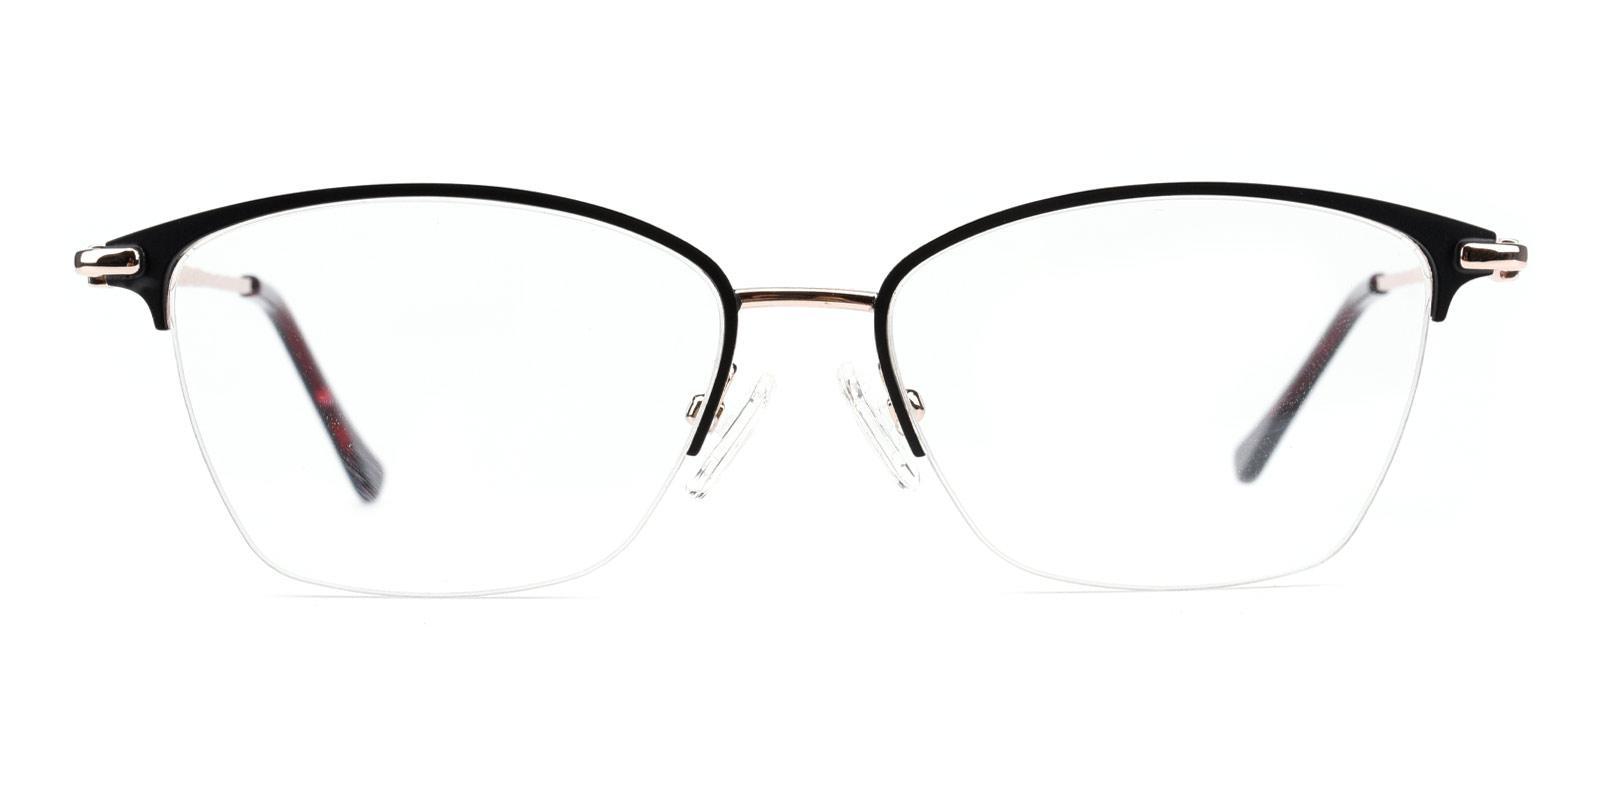 Karastan-Black-Rectangle-Metal-Eyeglasses-detail